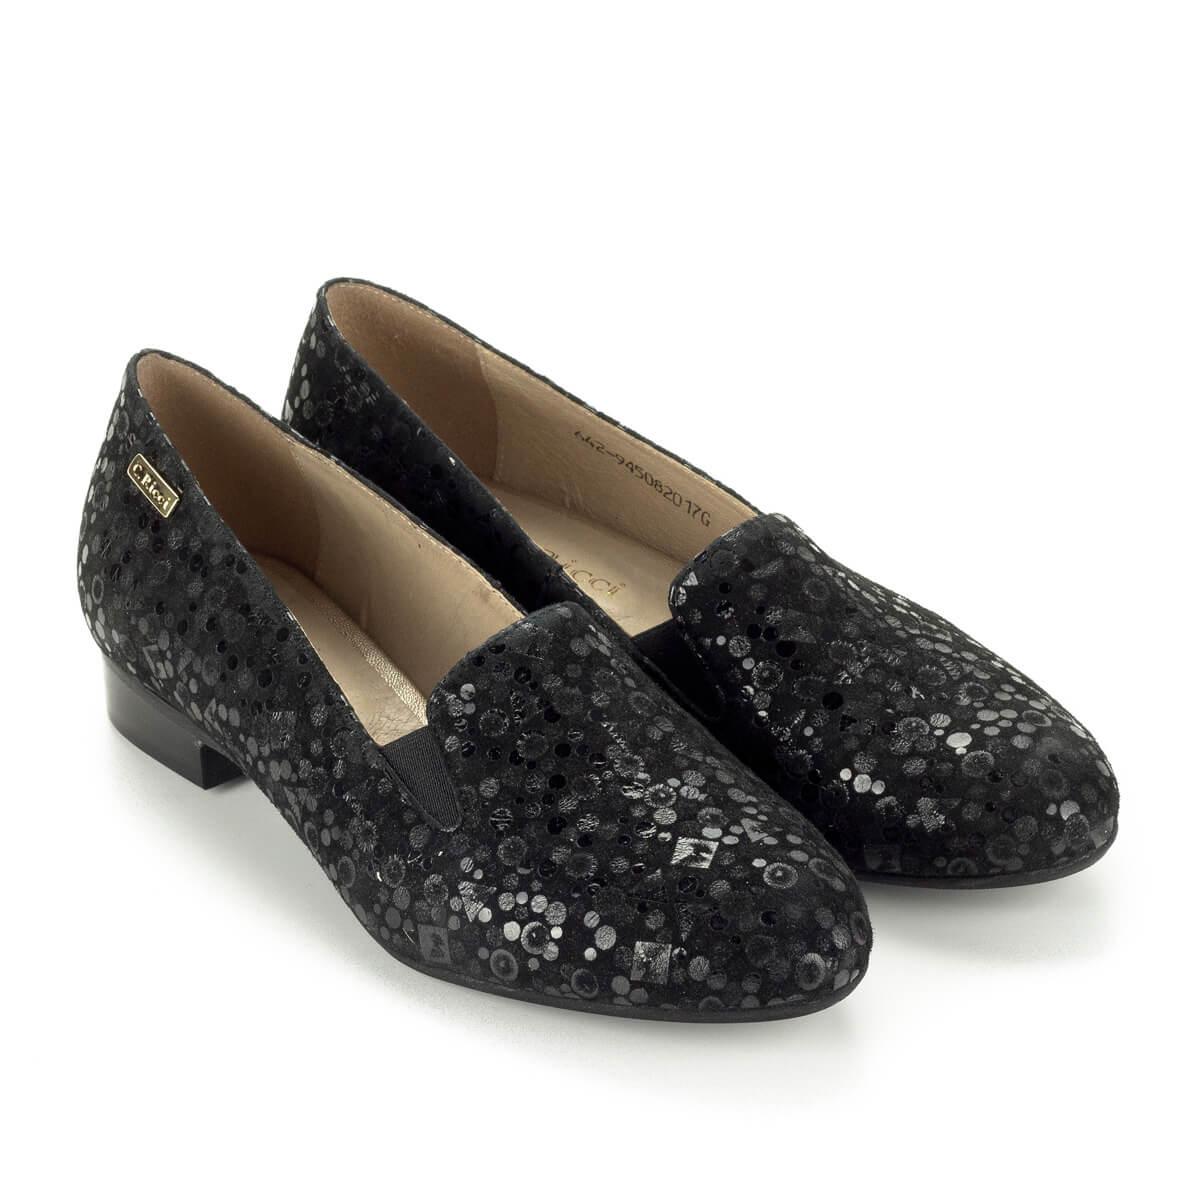 Carla Ricci elegáns fekete lapos cipő mintás bőr felsőrésszel 997b6098b4